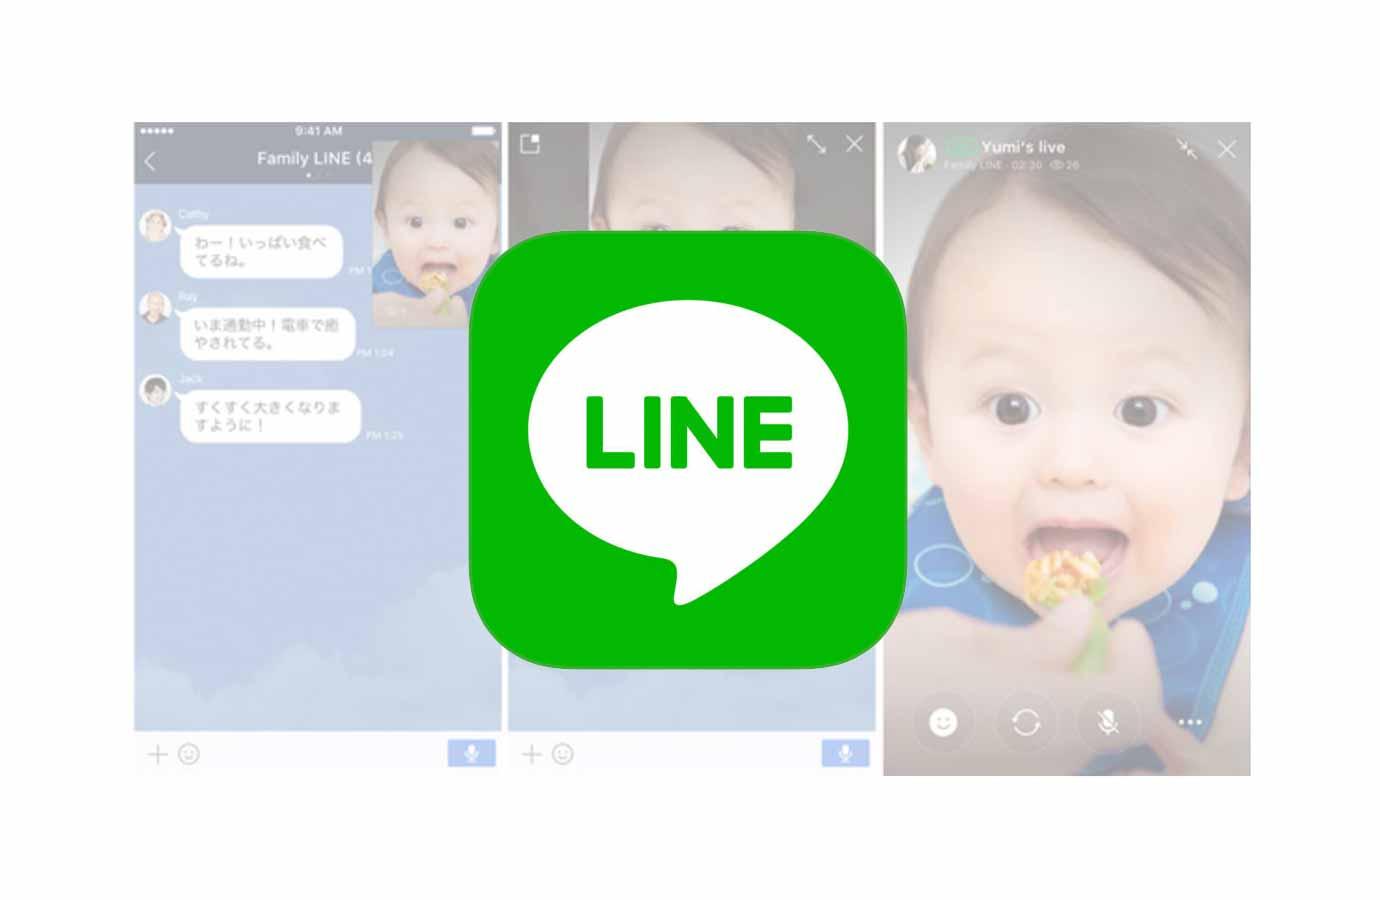 LINE、LINEアプリのトークルーム内でライブ中継ができる「チャットライブ」などの新機能を追加